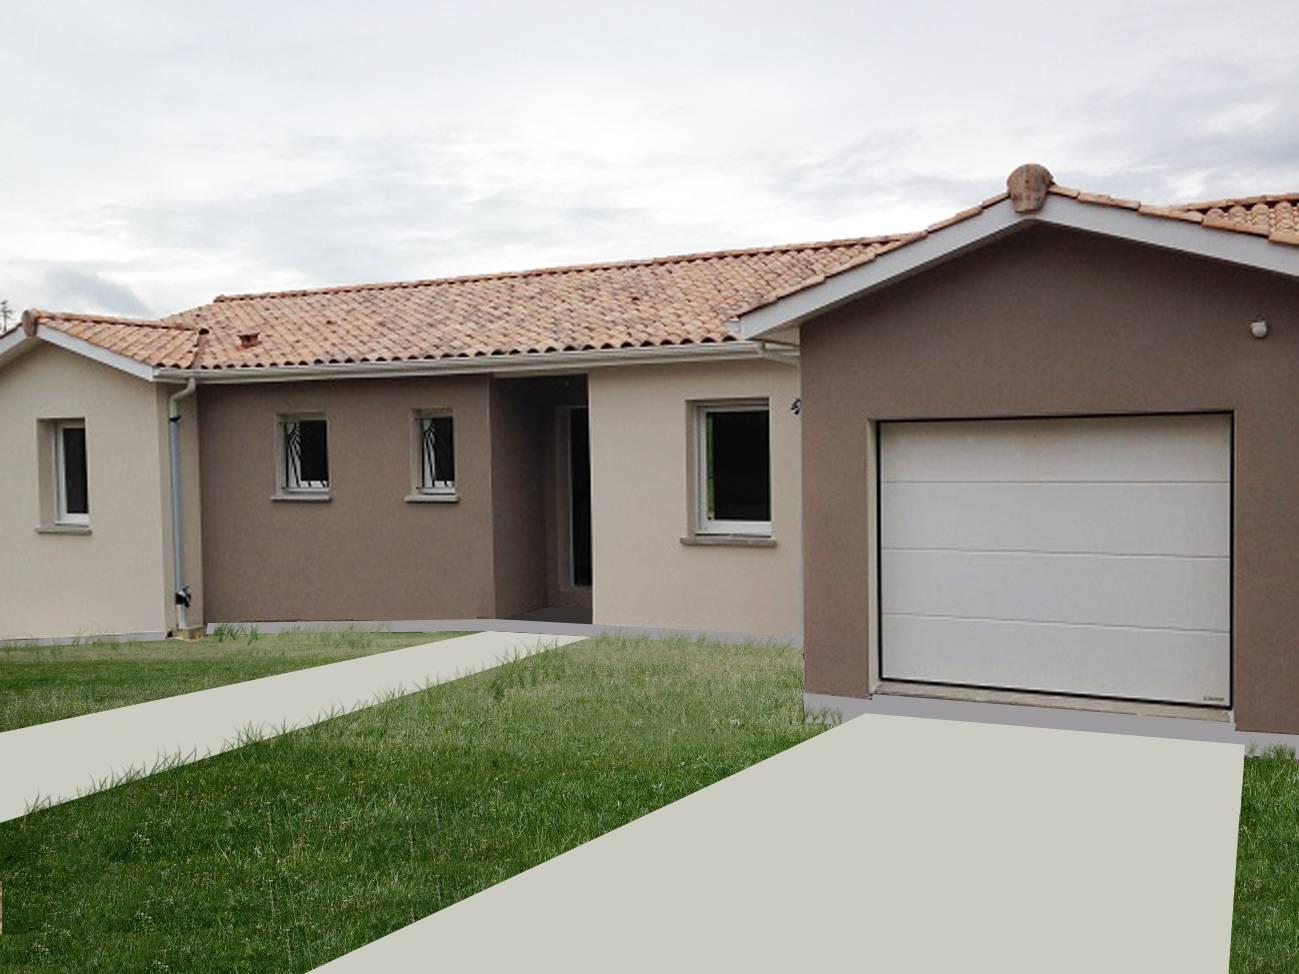 Maison sur mesure en gironde constructeur de maison for Constructeur de maison individuelle en gironde